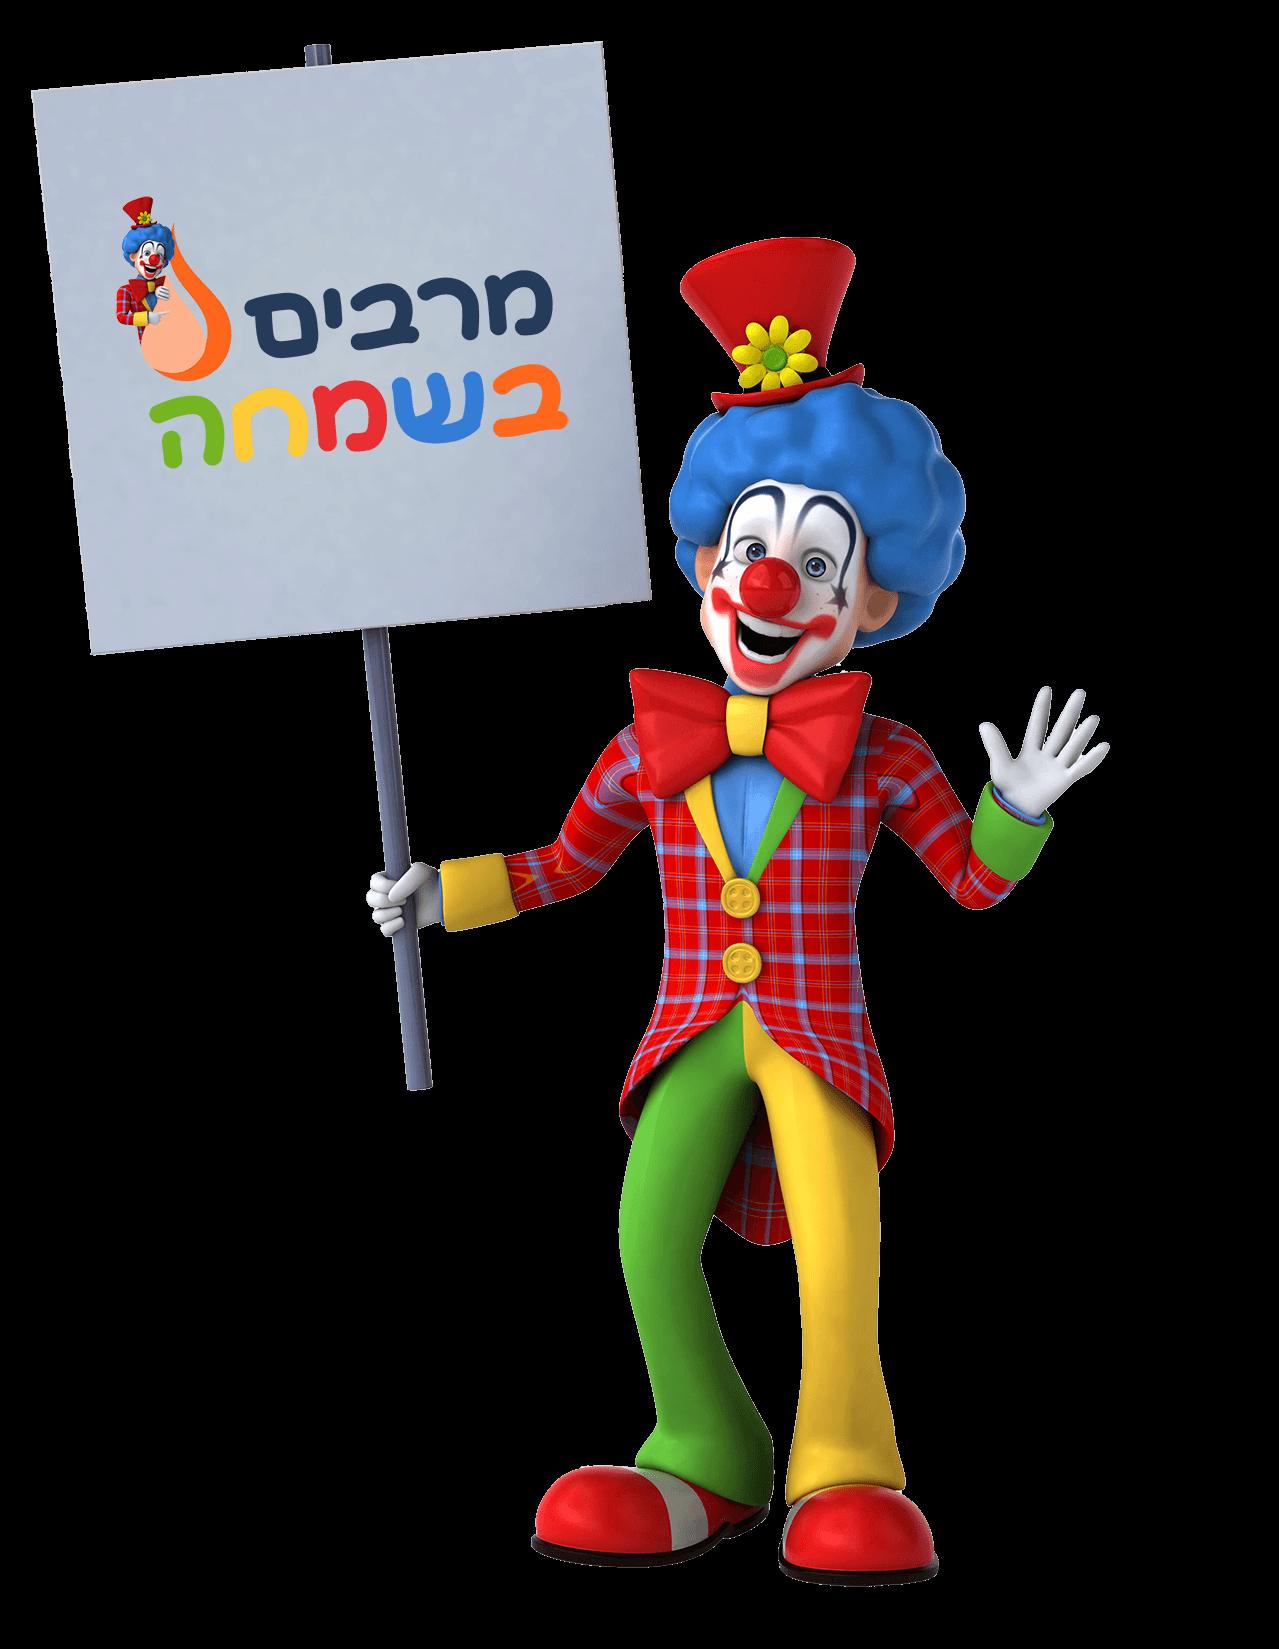 clown0020